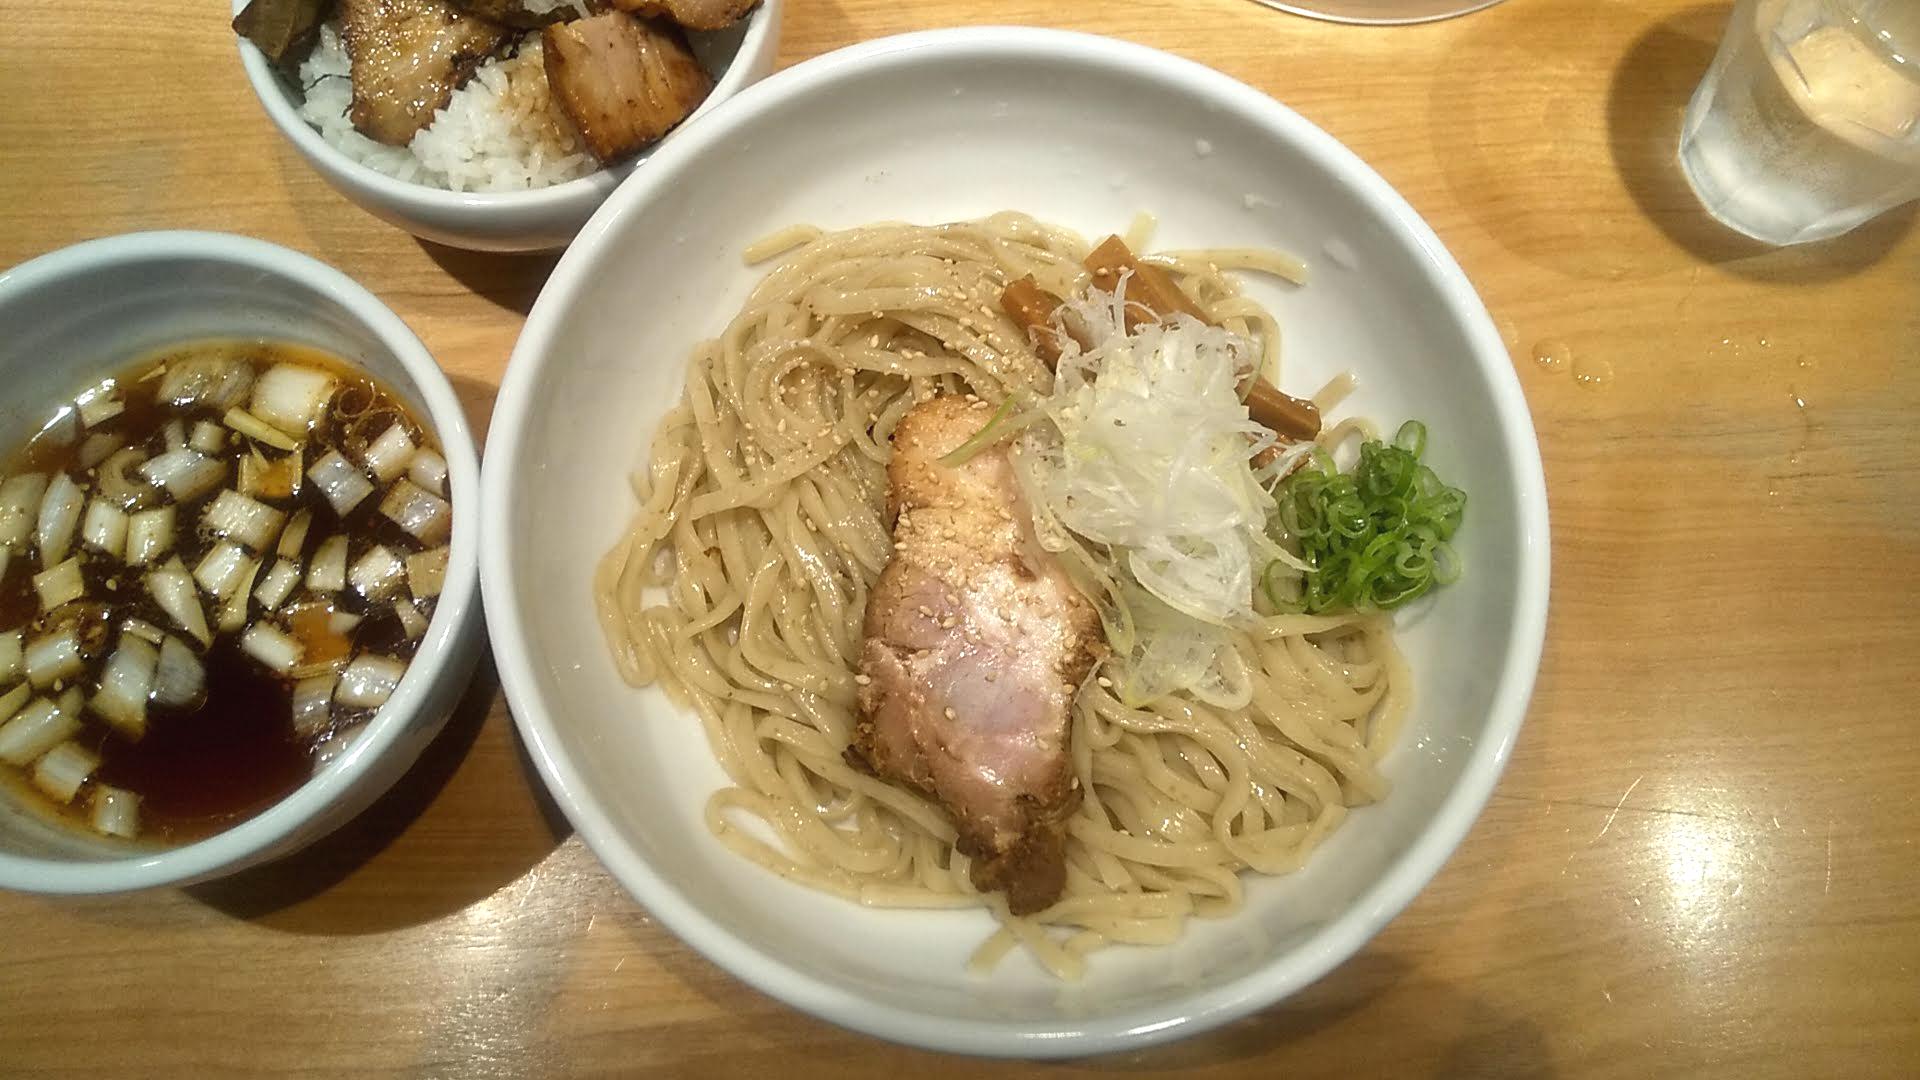 佐々木製麺所のつけ麺の麺皿の写真